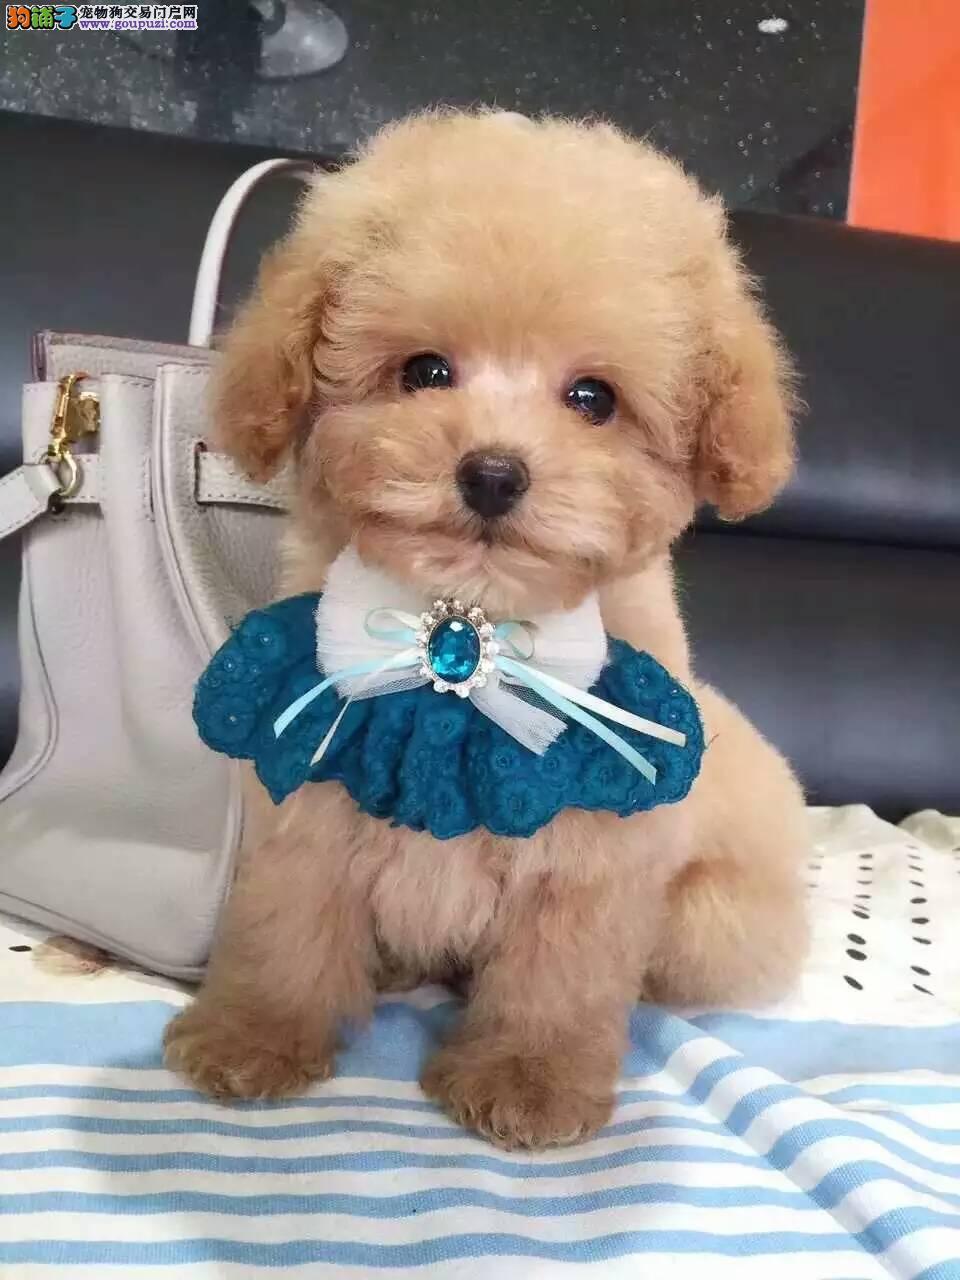 优惠促销精品深圳泰迪犬多种颜色预订有礼品